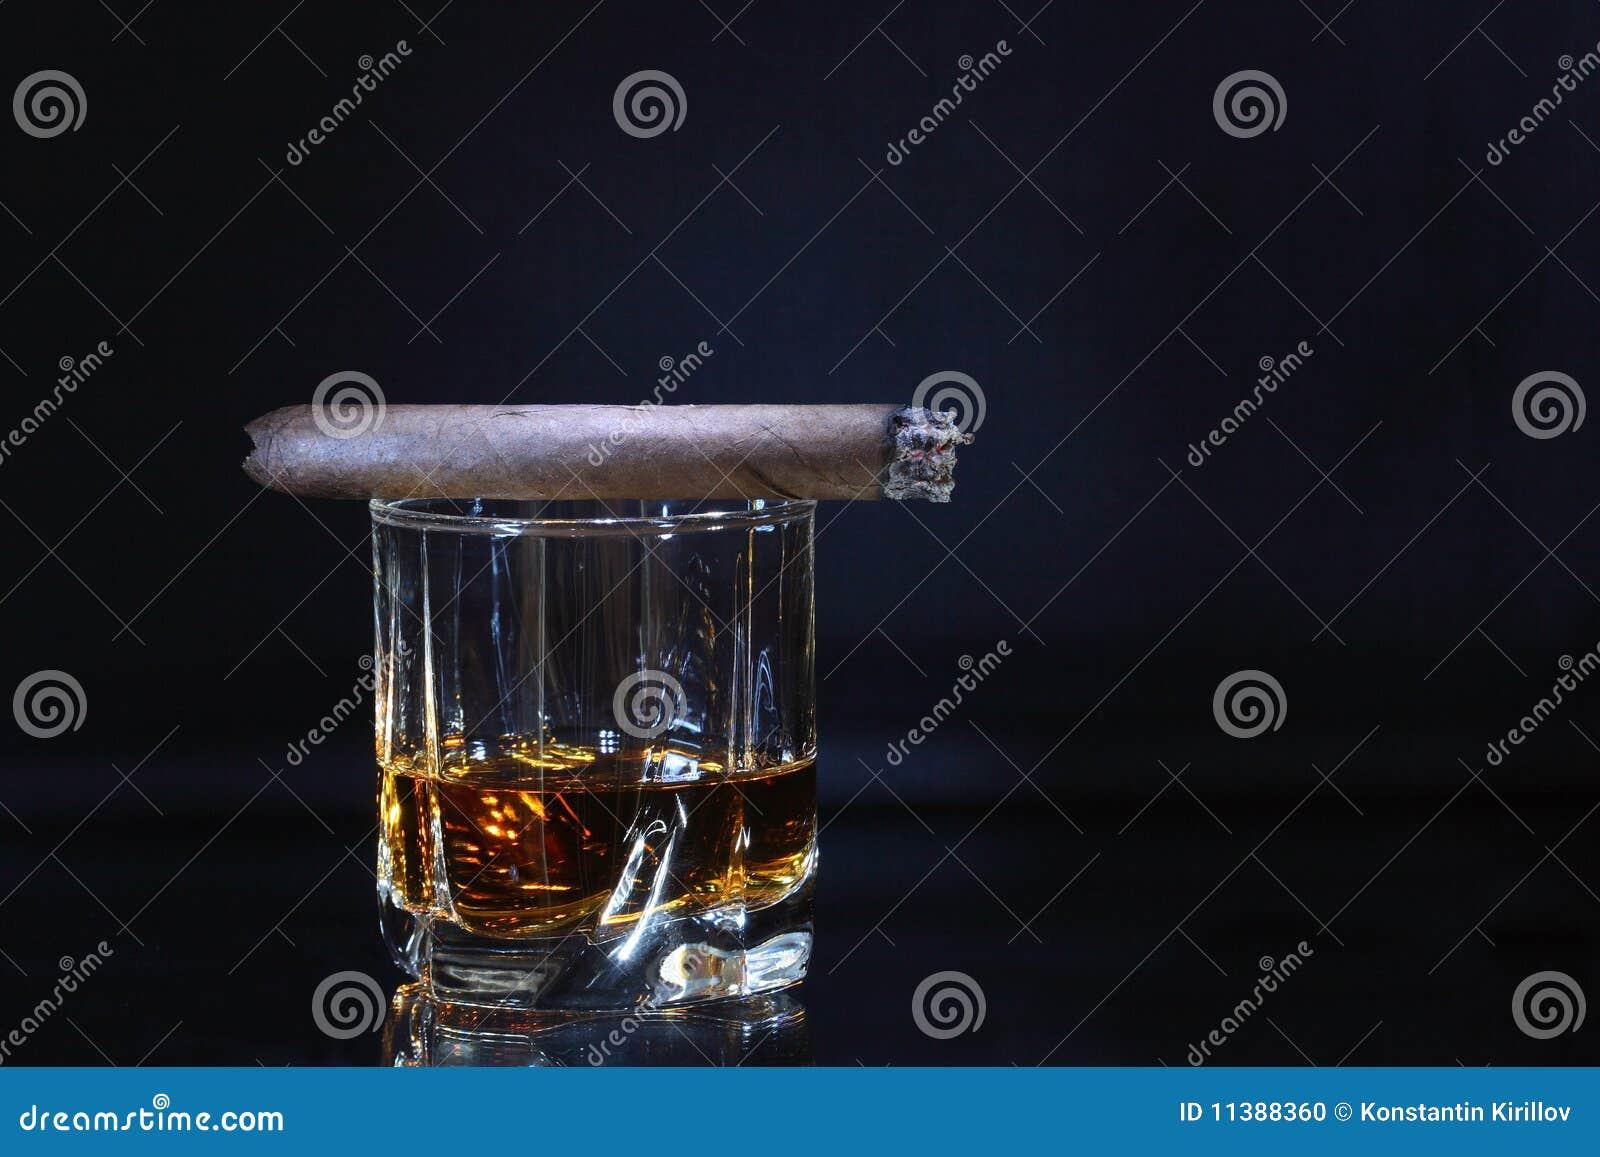 Cosa succede al tuo corpo quando smetti di bere alcolici - dipendenza-da-nicotina.segnostampa.com